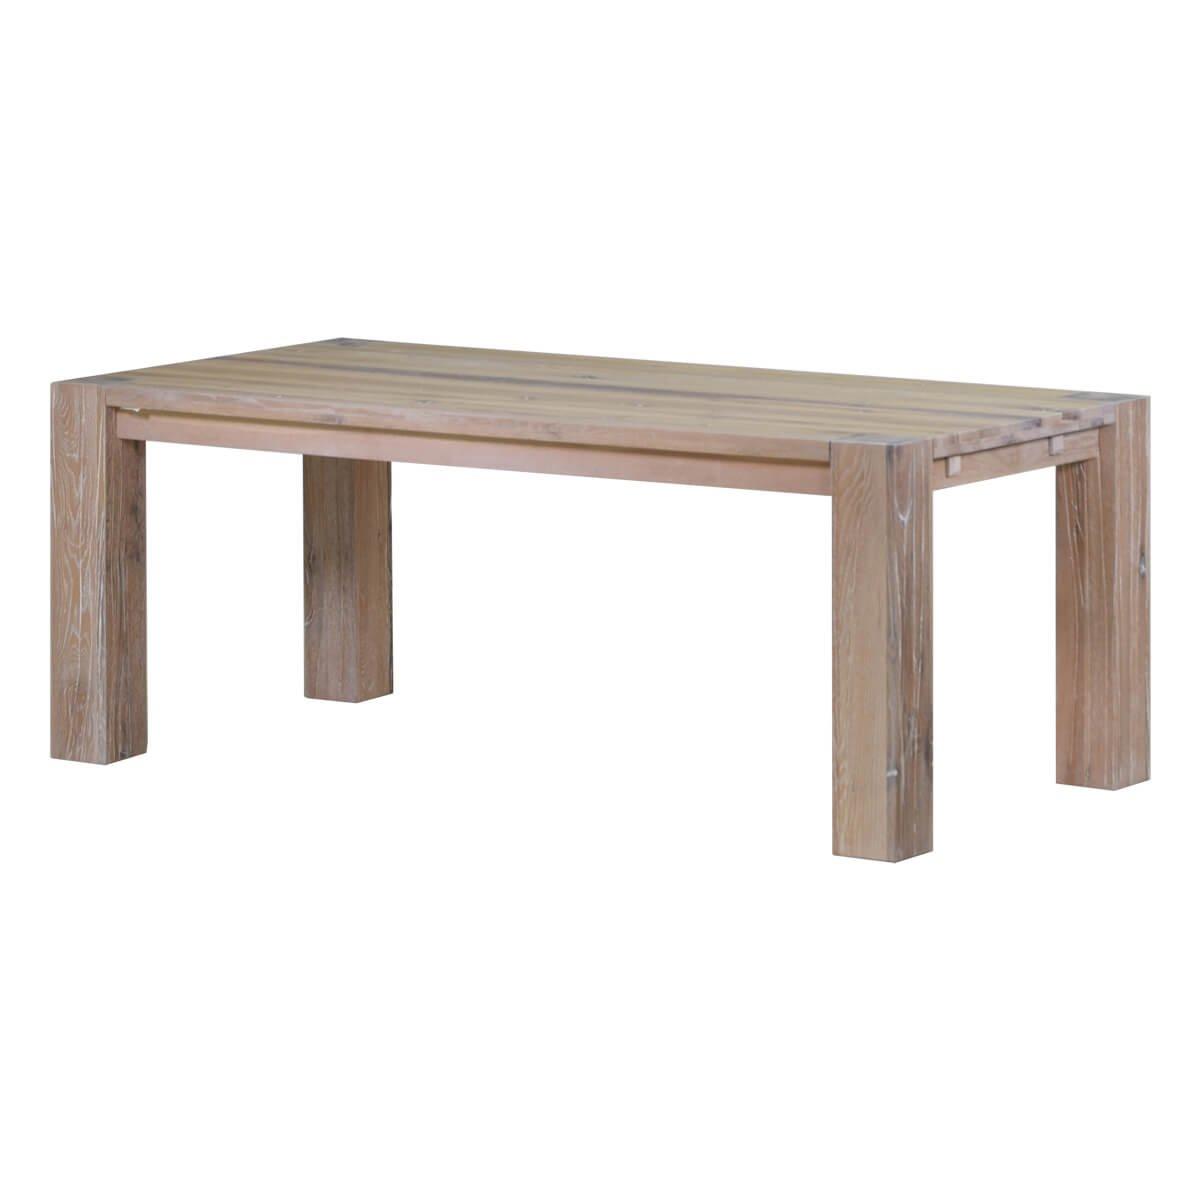 Esstisch Küchentisch Esszimmertisch Braxton, 180x100 cm, Massivholz Holz Eiche massiv weiß gekälkt